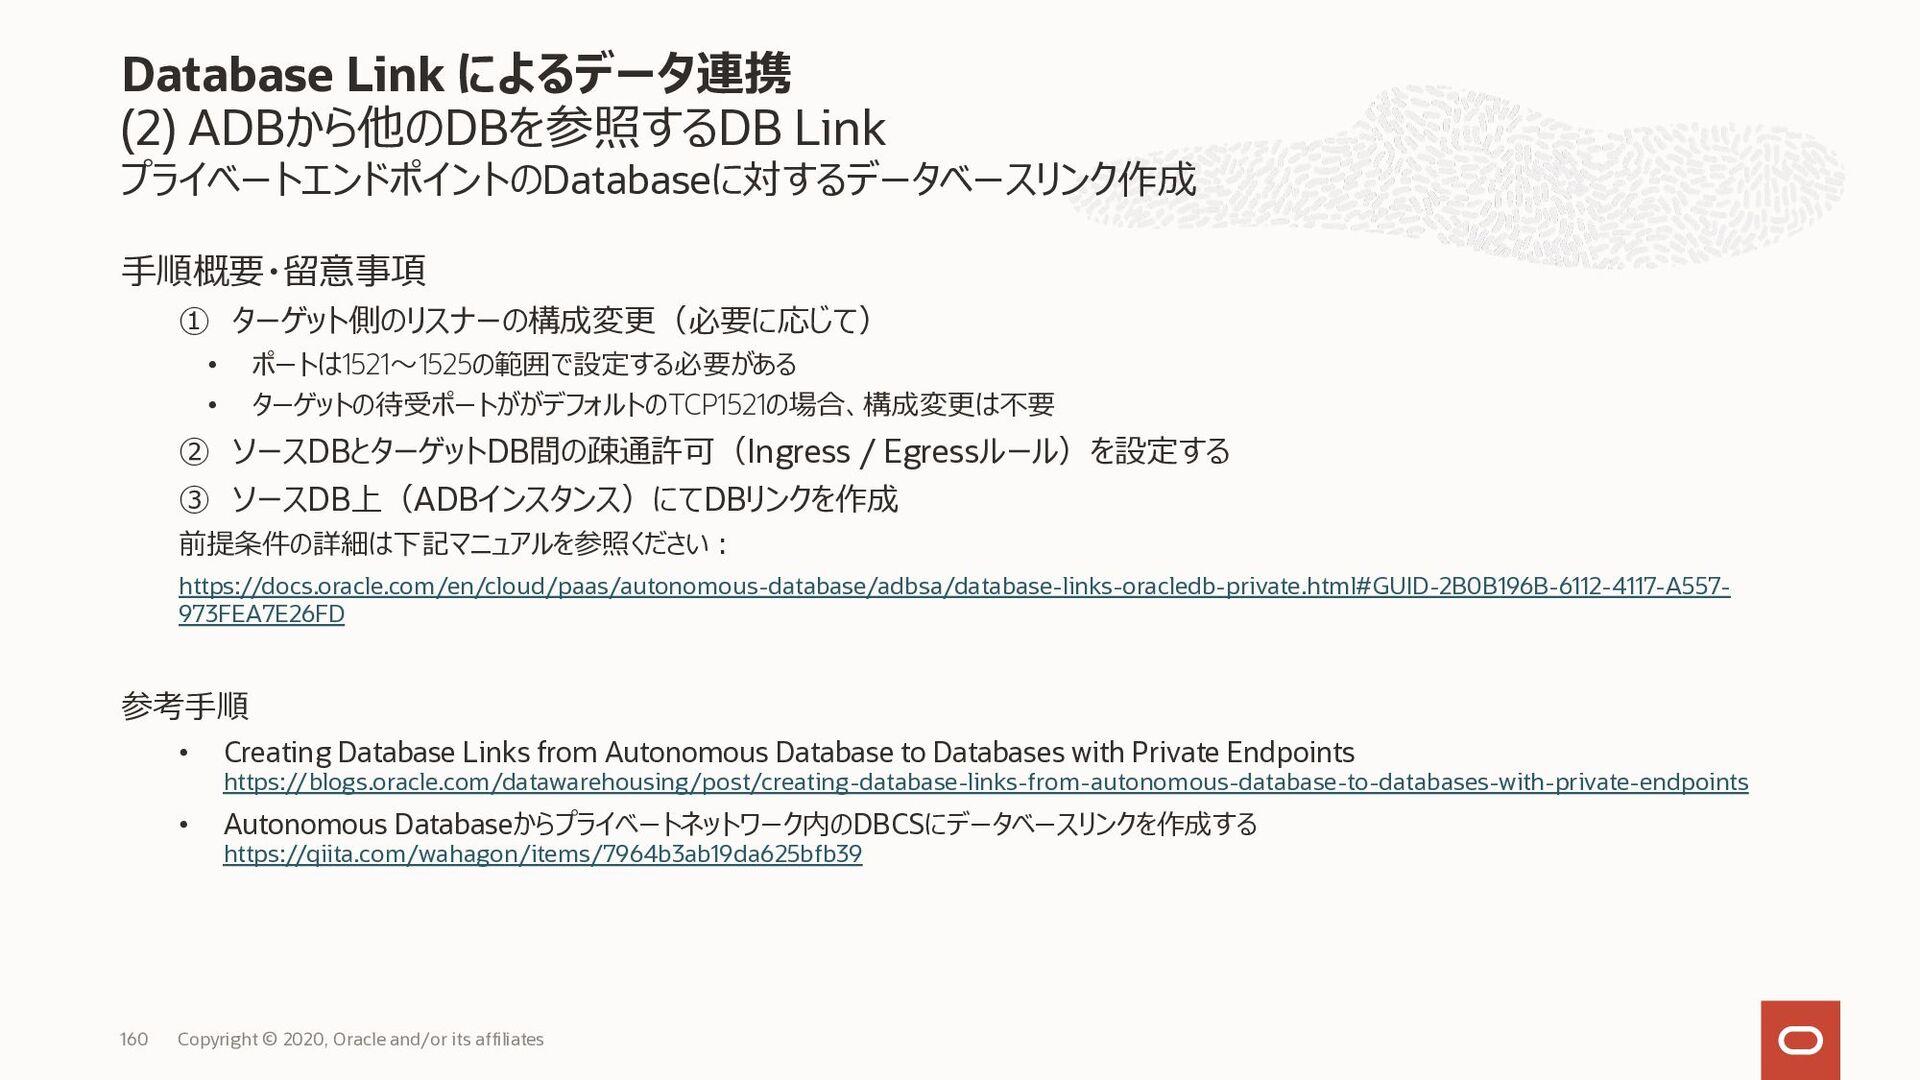 開発ツール Copyright © 2020, Oracle and/or its affil...